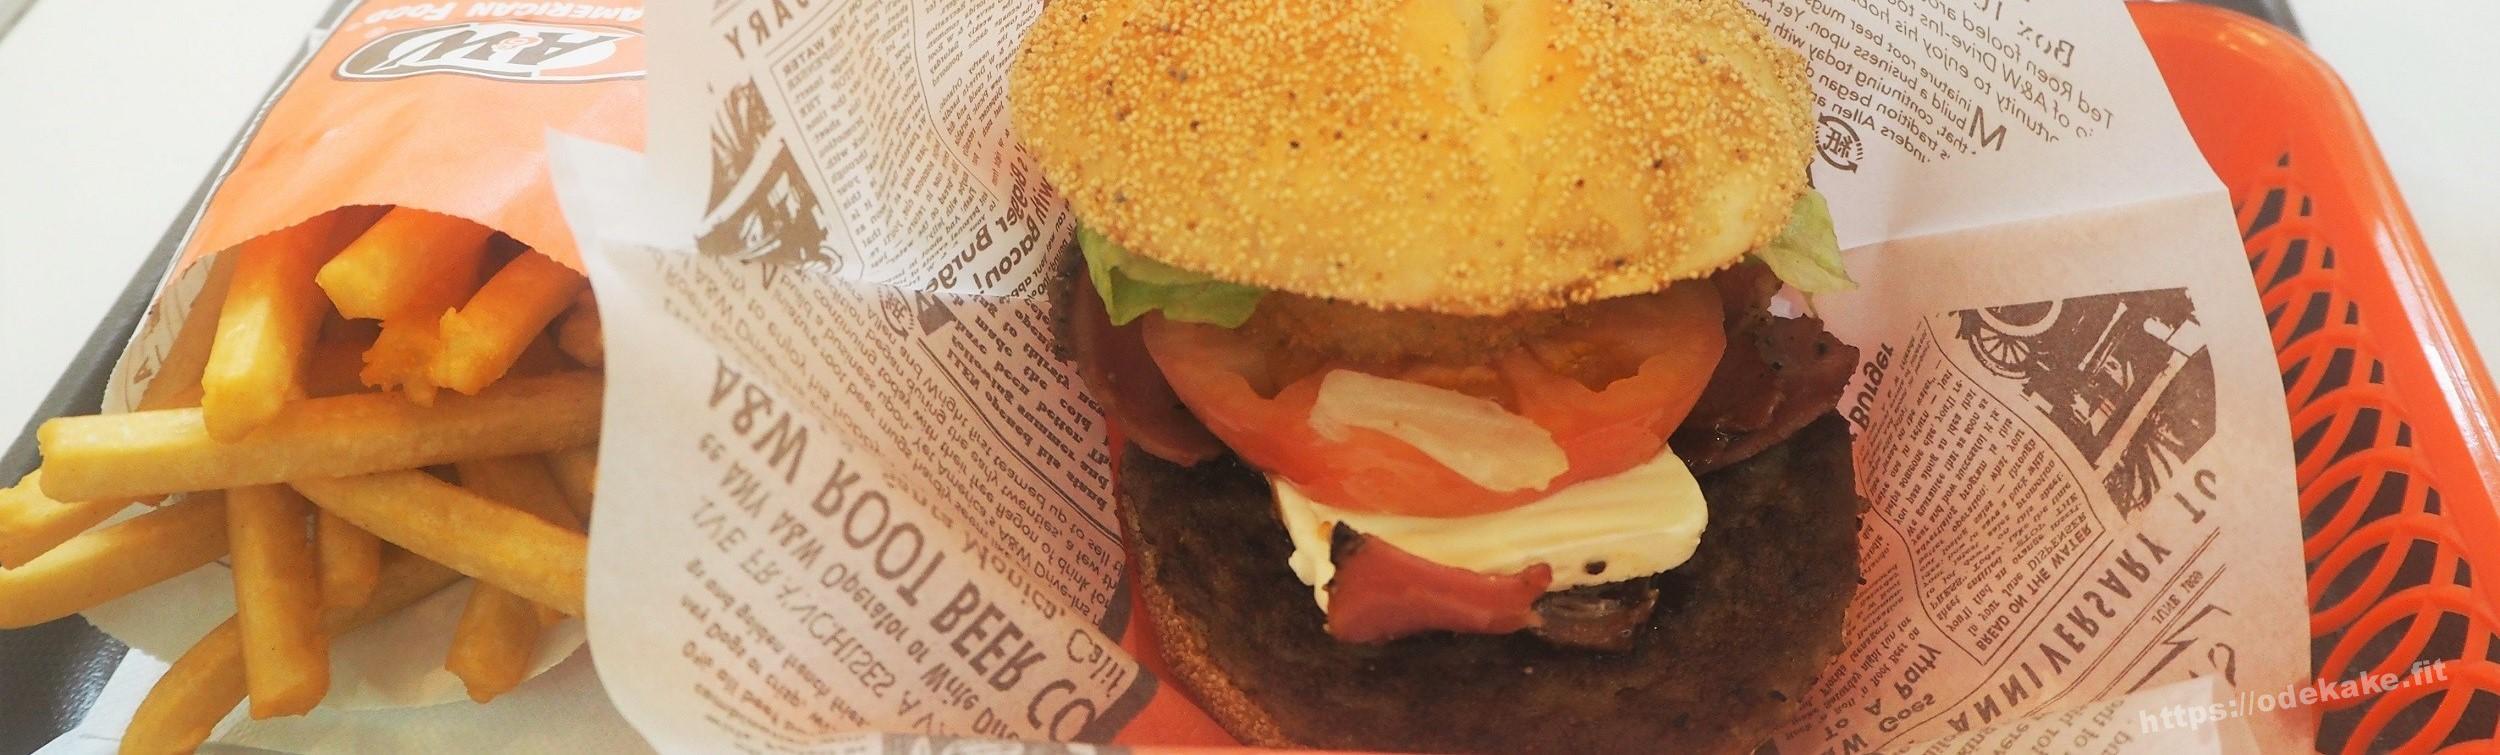 【石垣島】2日目の夕飯は「A&W」でハンバーガー!噂のルートビアの味は?